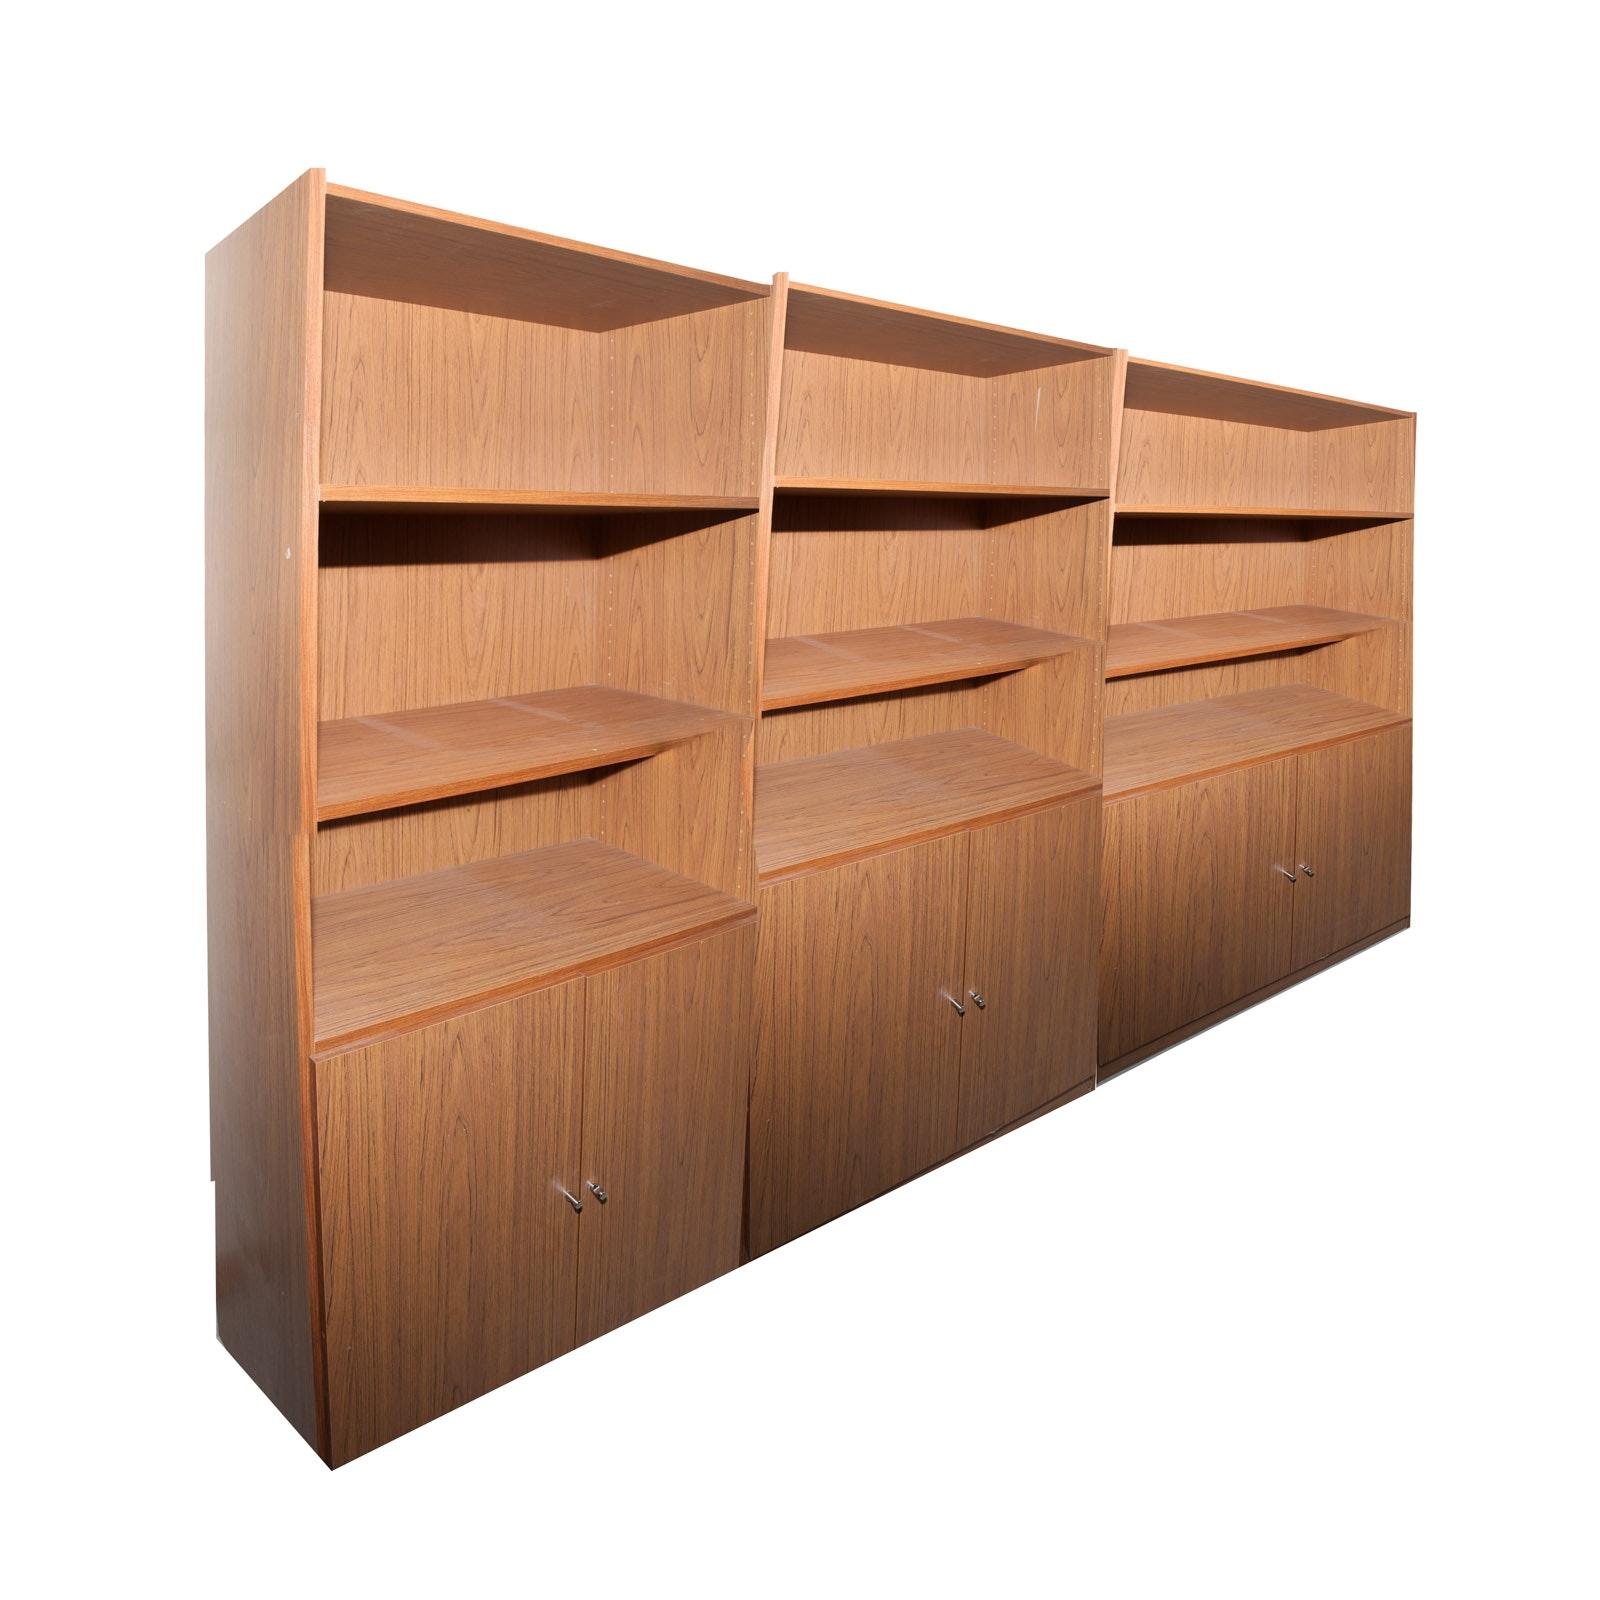 Grouping of Bookshelves